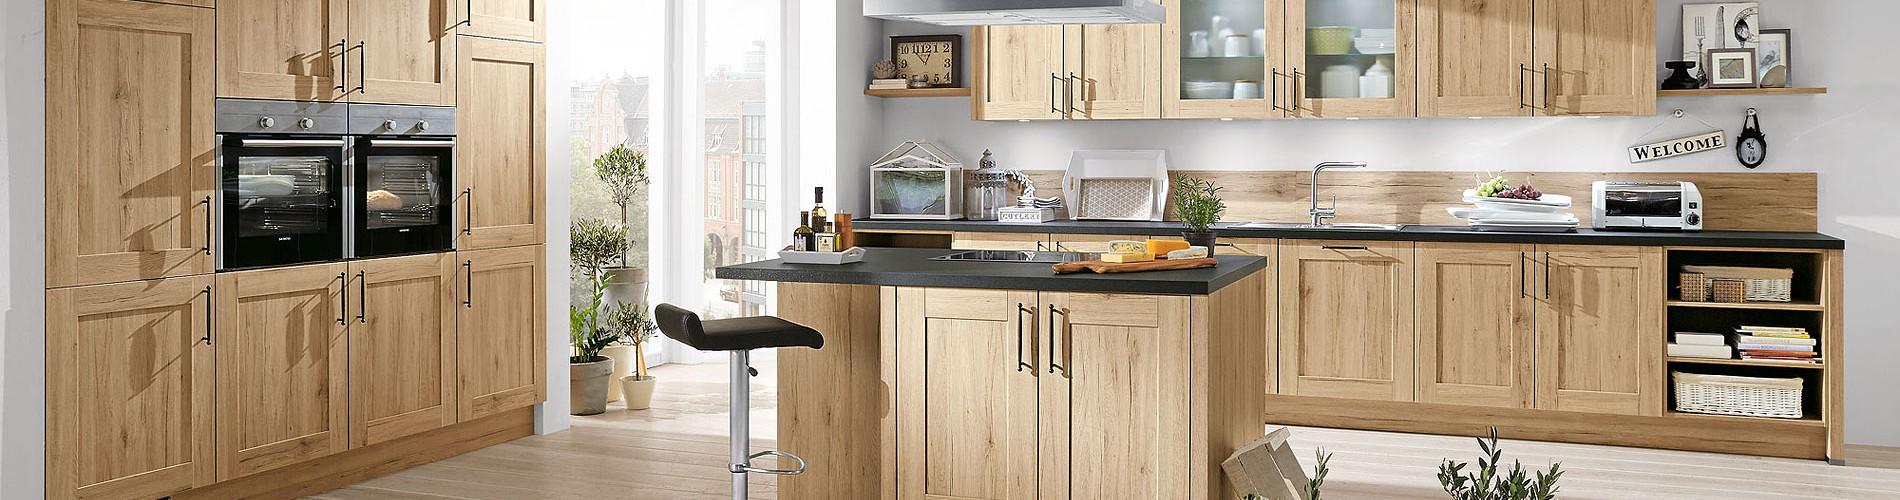 Während der Küchen-Sonderverkäufe werden Ihnen in der Regel zusätzlich Sonderfinanzierungen ab 0% angeboten